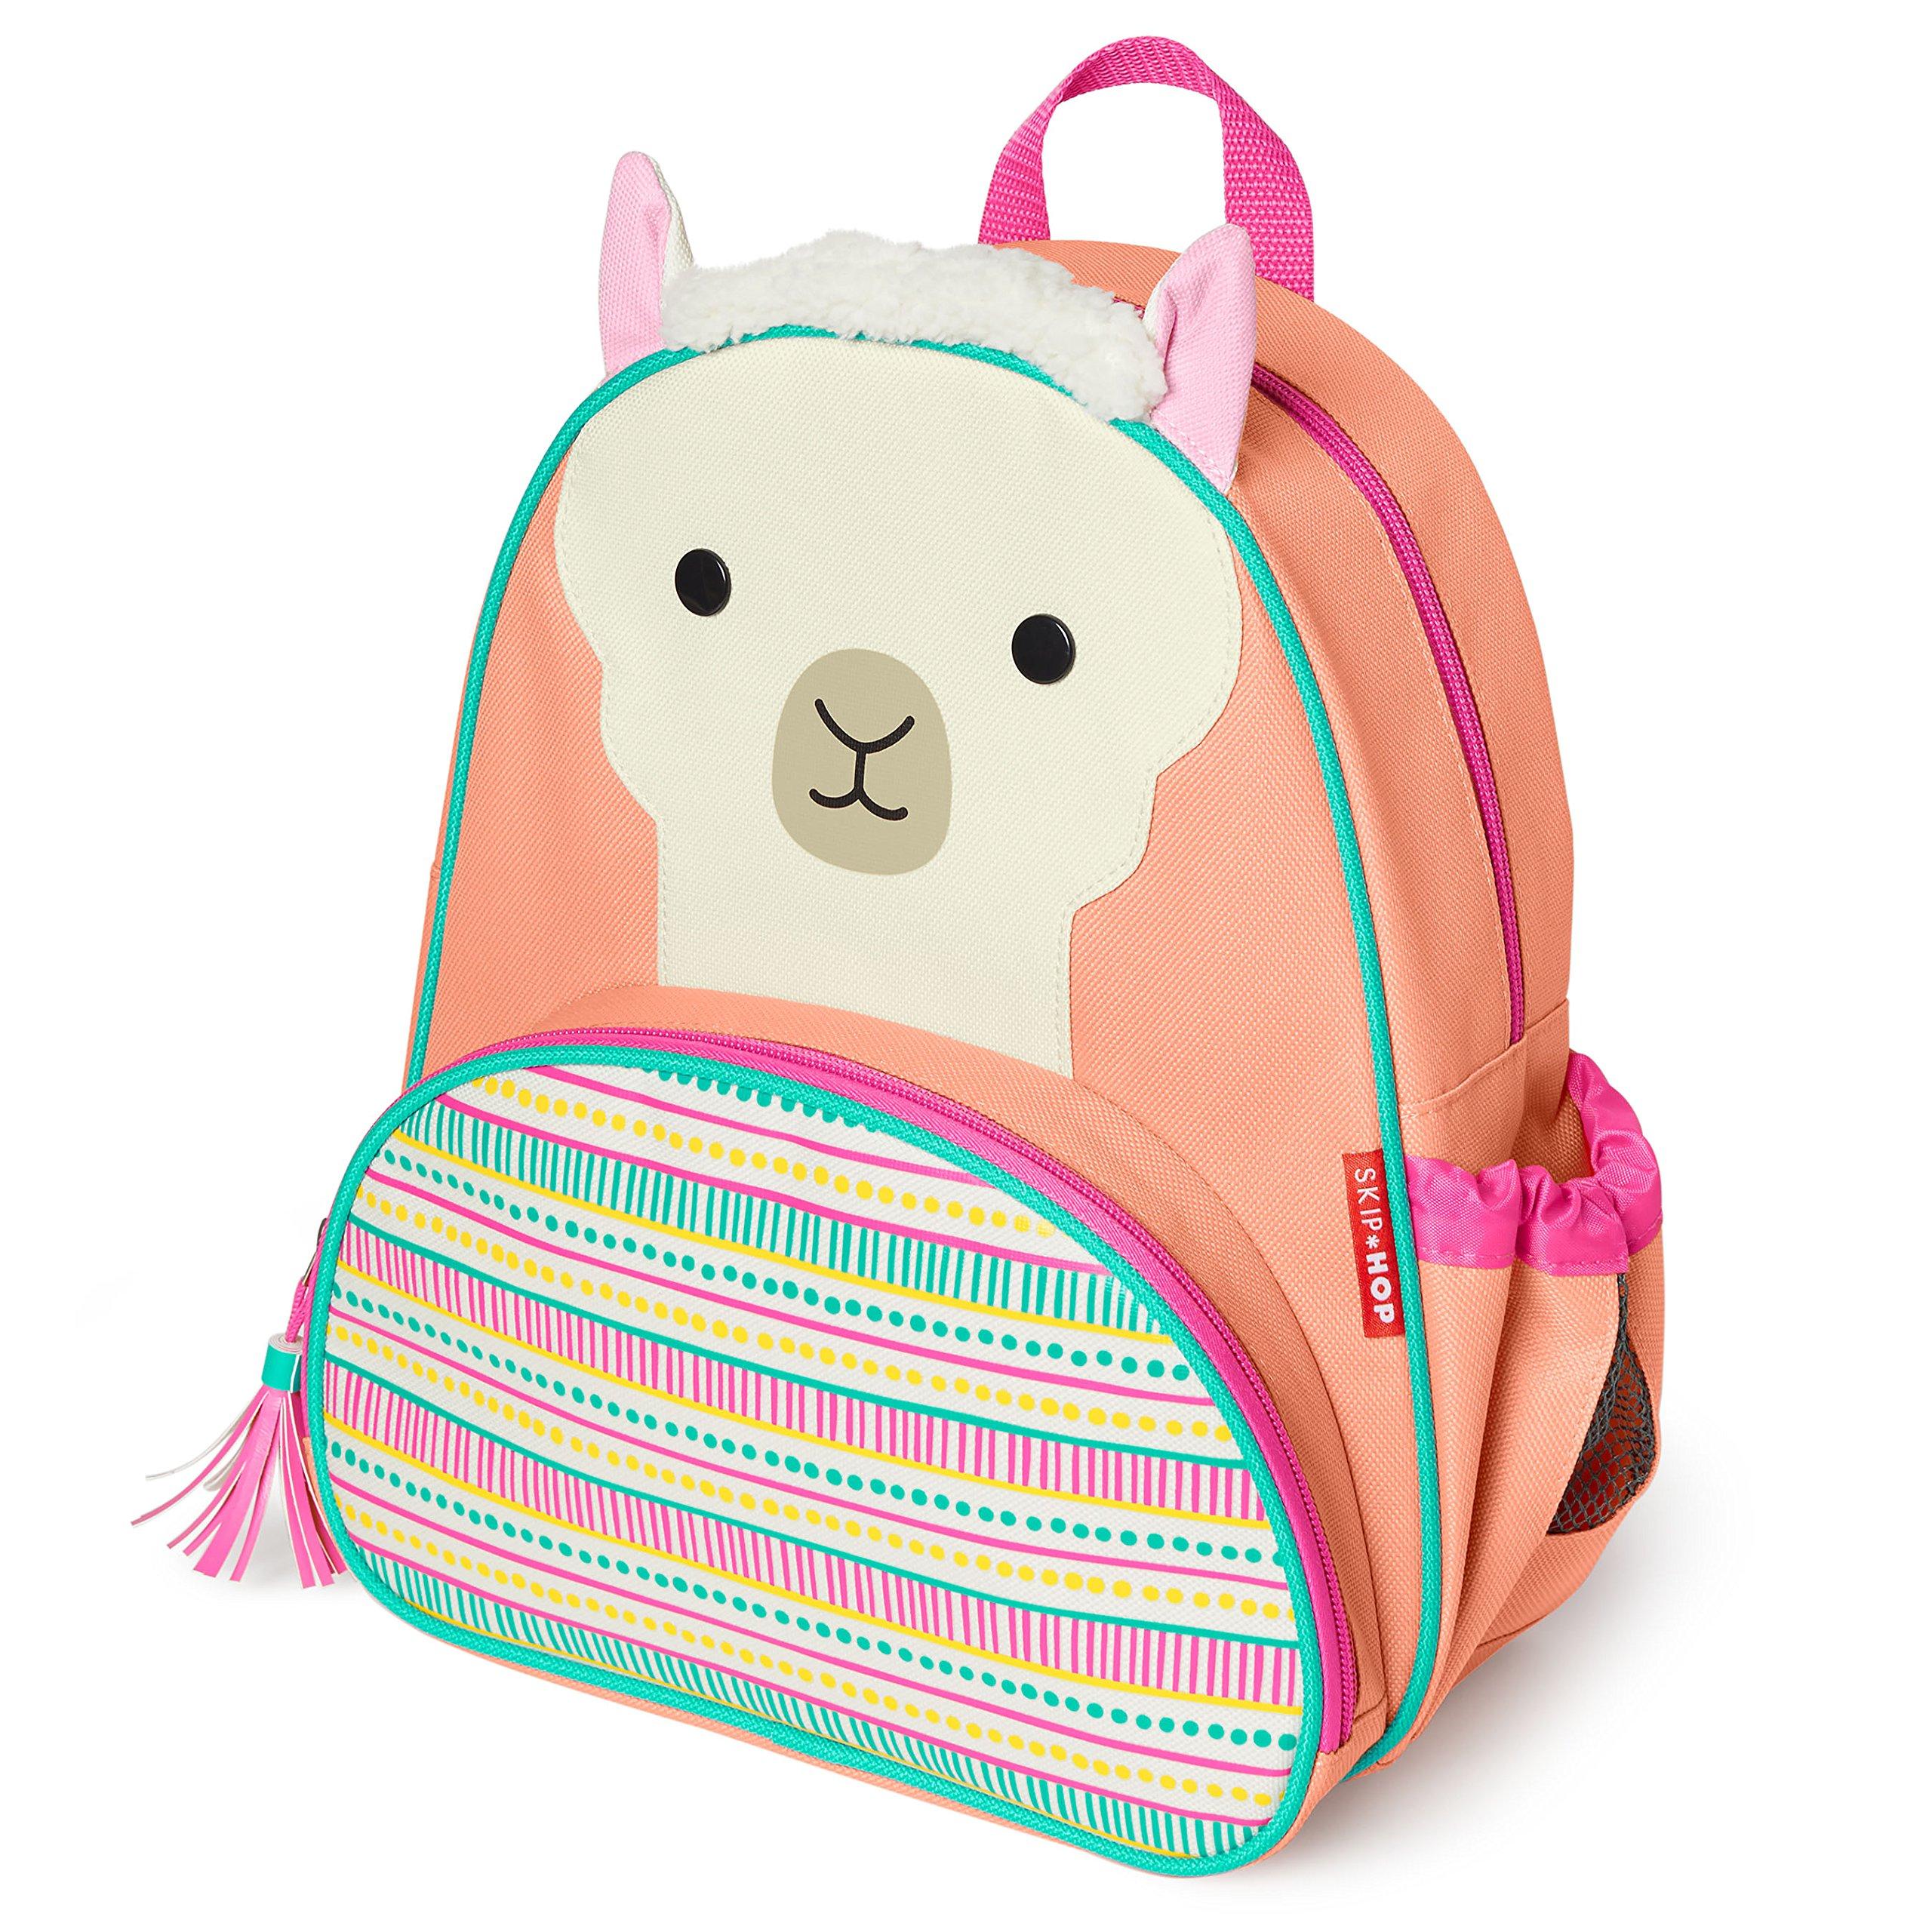 Skip Hop Zoo Pack Backpack - Llama